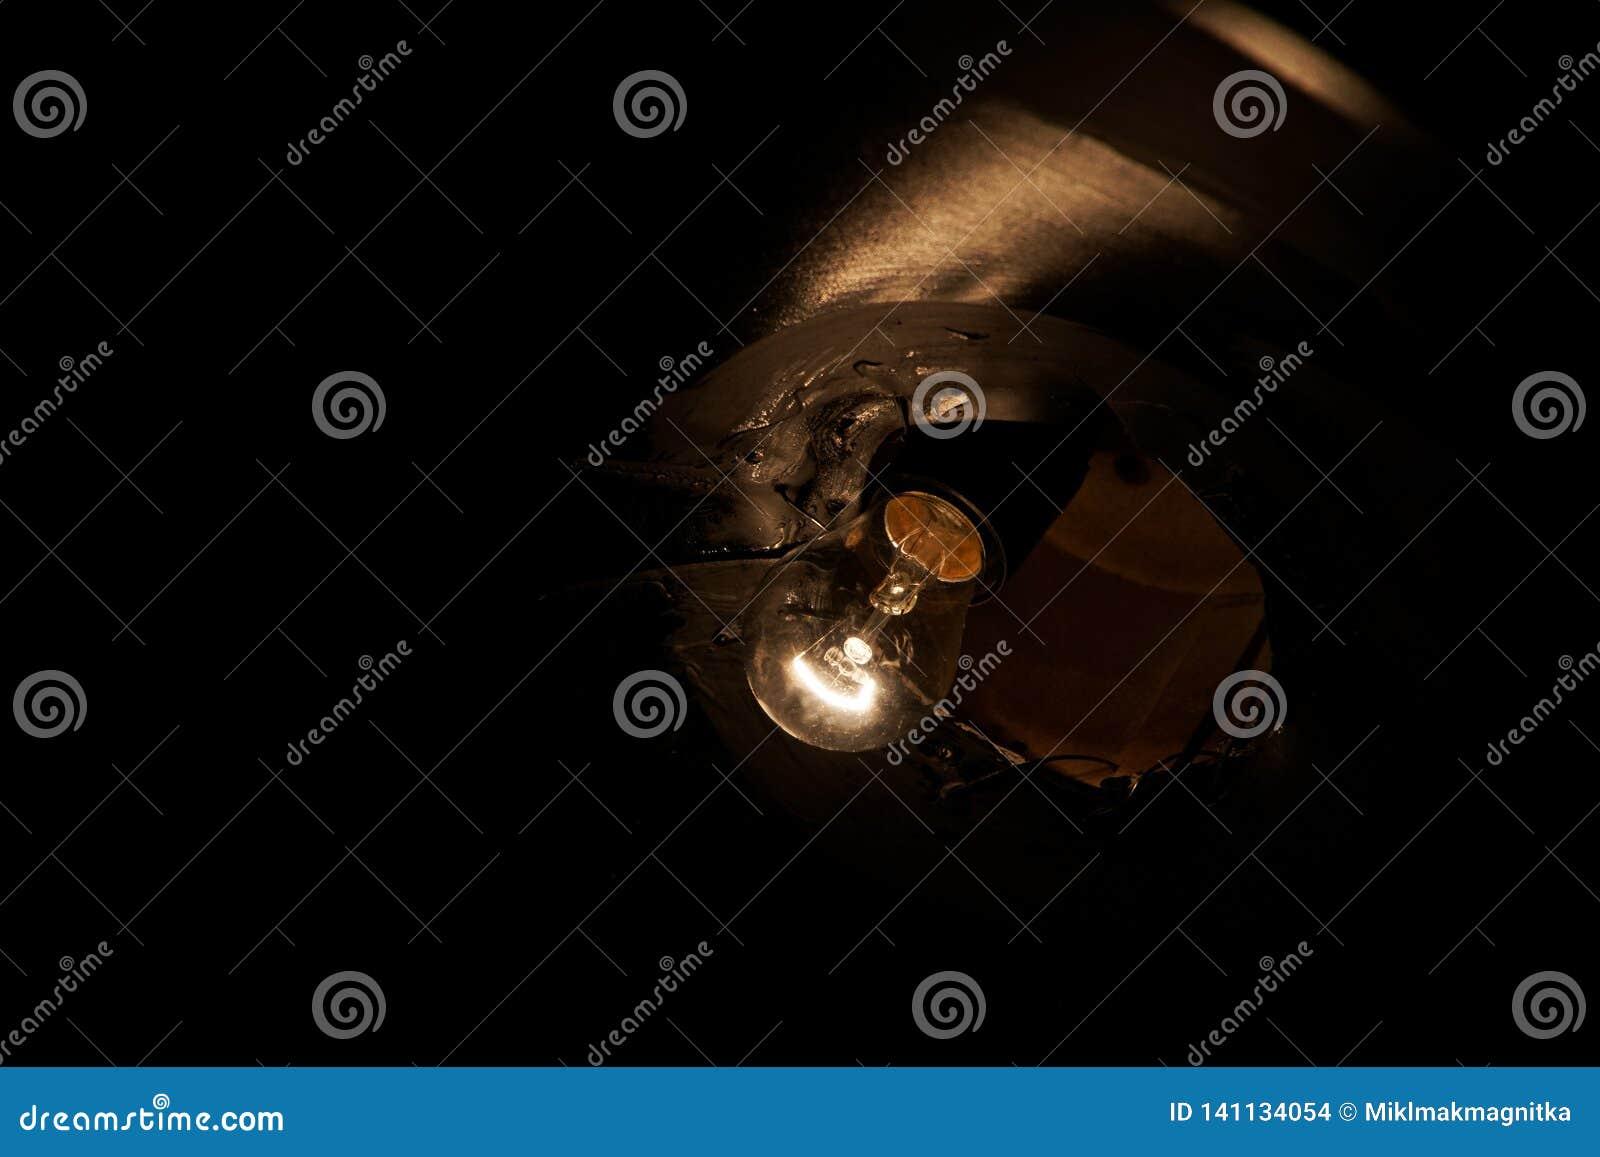 Lampada incandescente a bassa potenza in un soffitto scuro